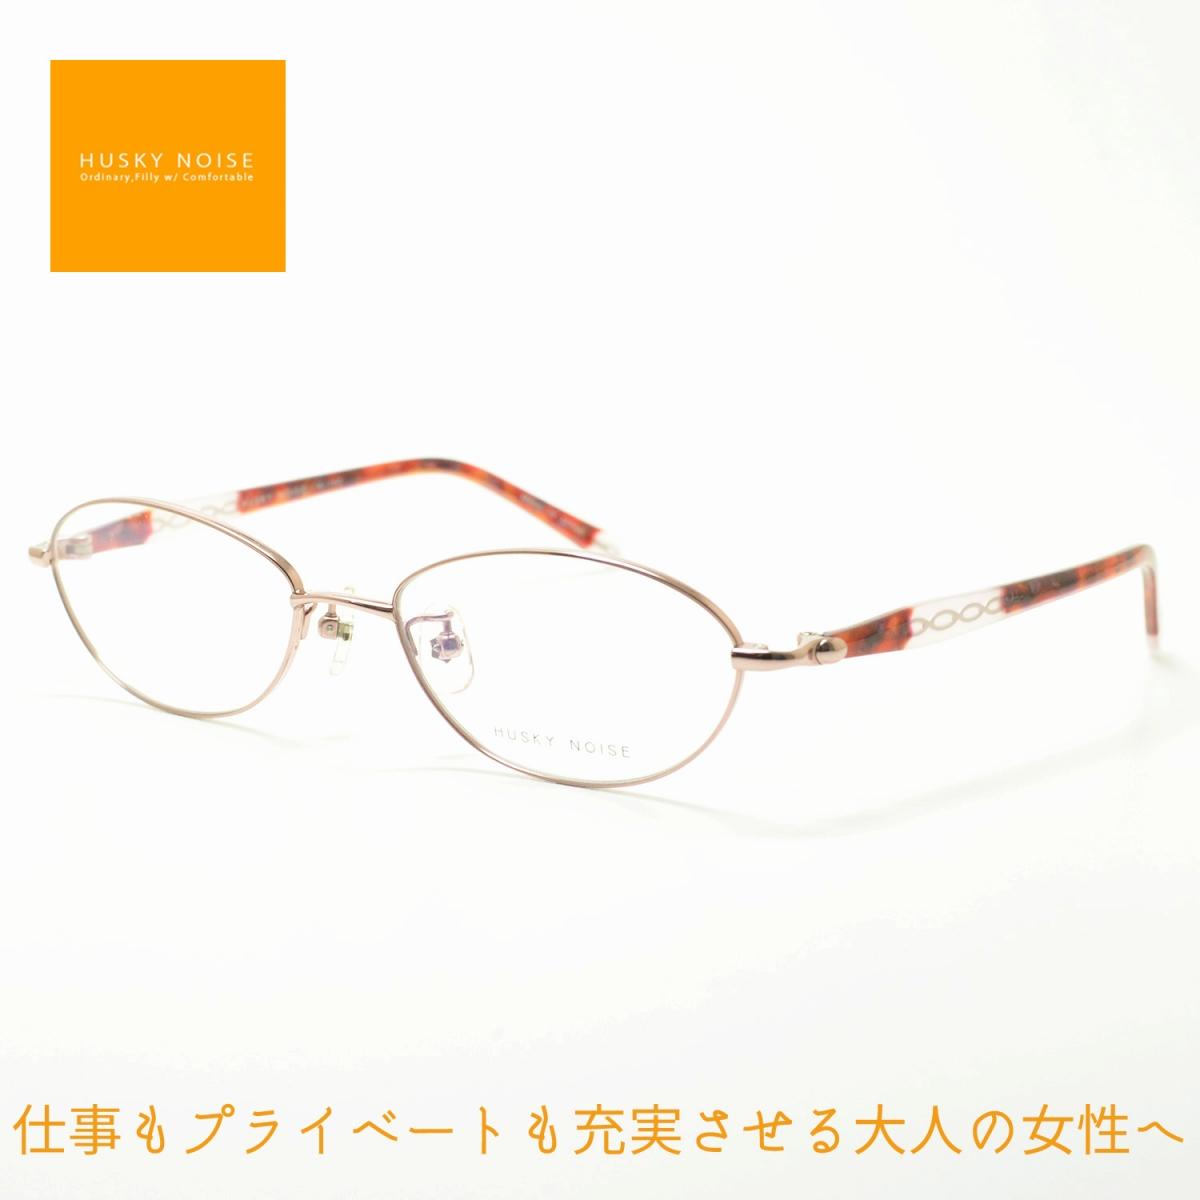 HUSKY NOISE ハスキーノイズ H-150 col-5メガネ 眼鏡 めがね レディース おしゃれ ブランド 人気 おすすめ フレーム 流行り 度付き レンズ